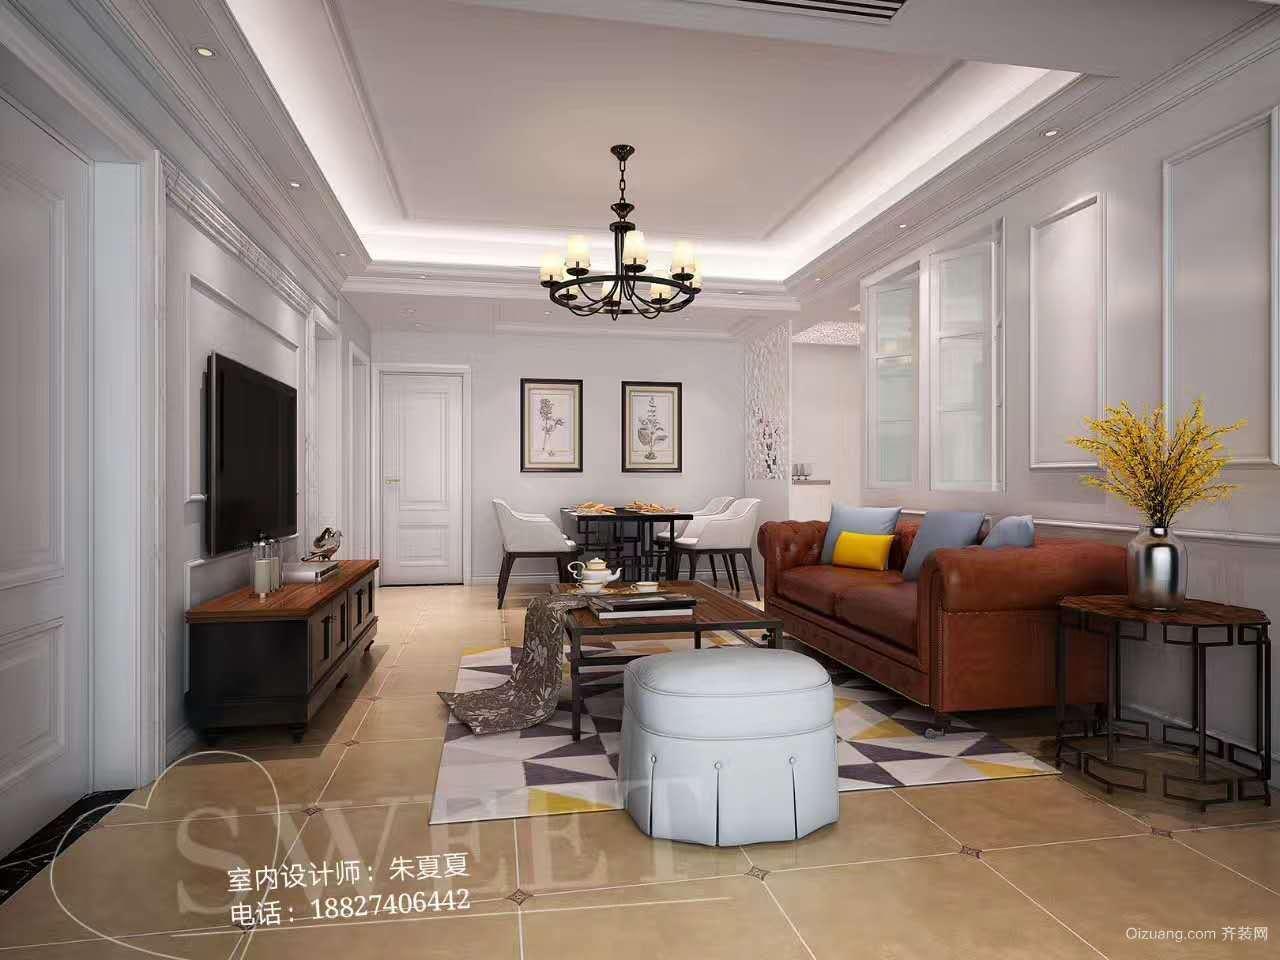 王家湾中央生活区美式风格装修效果图实景图